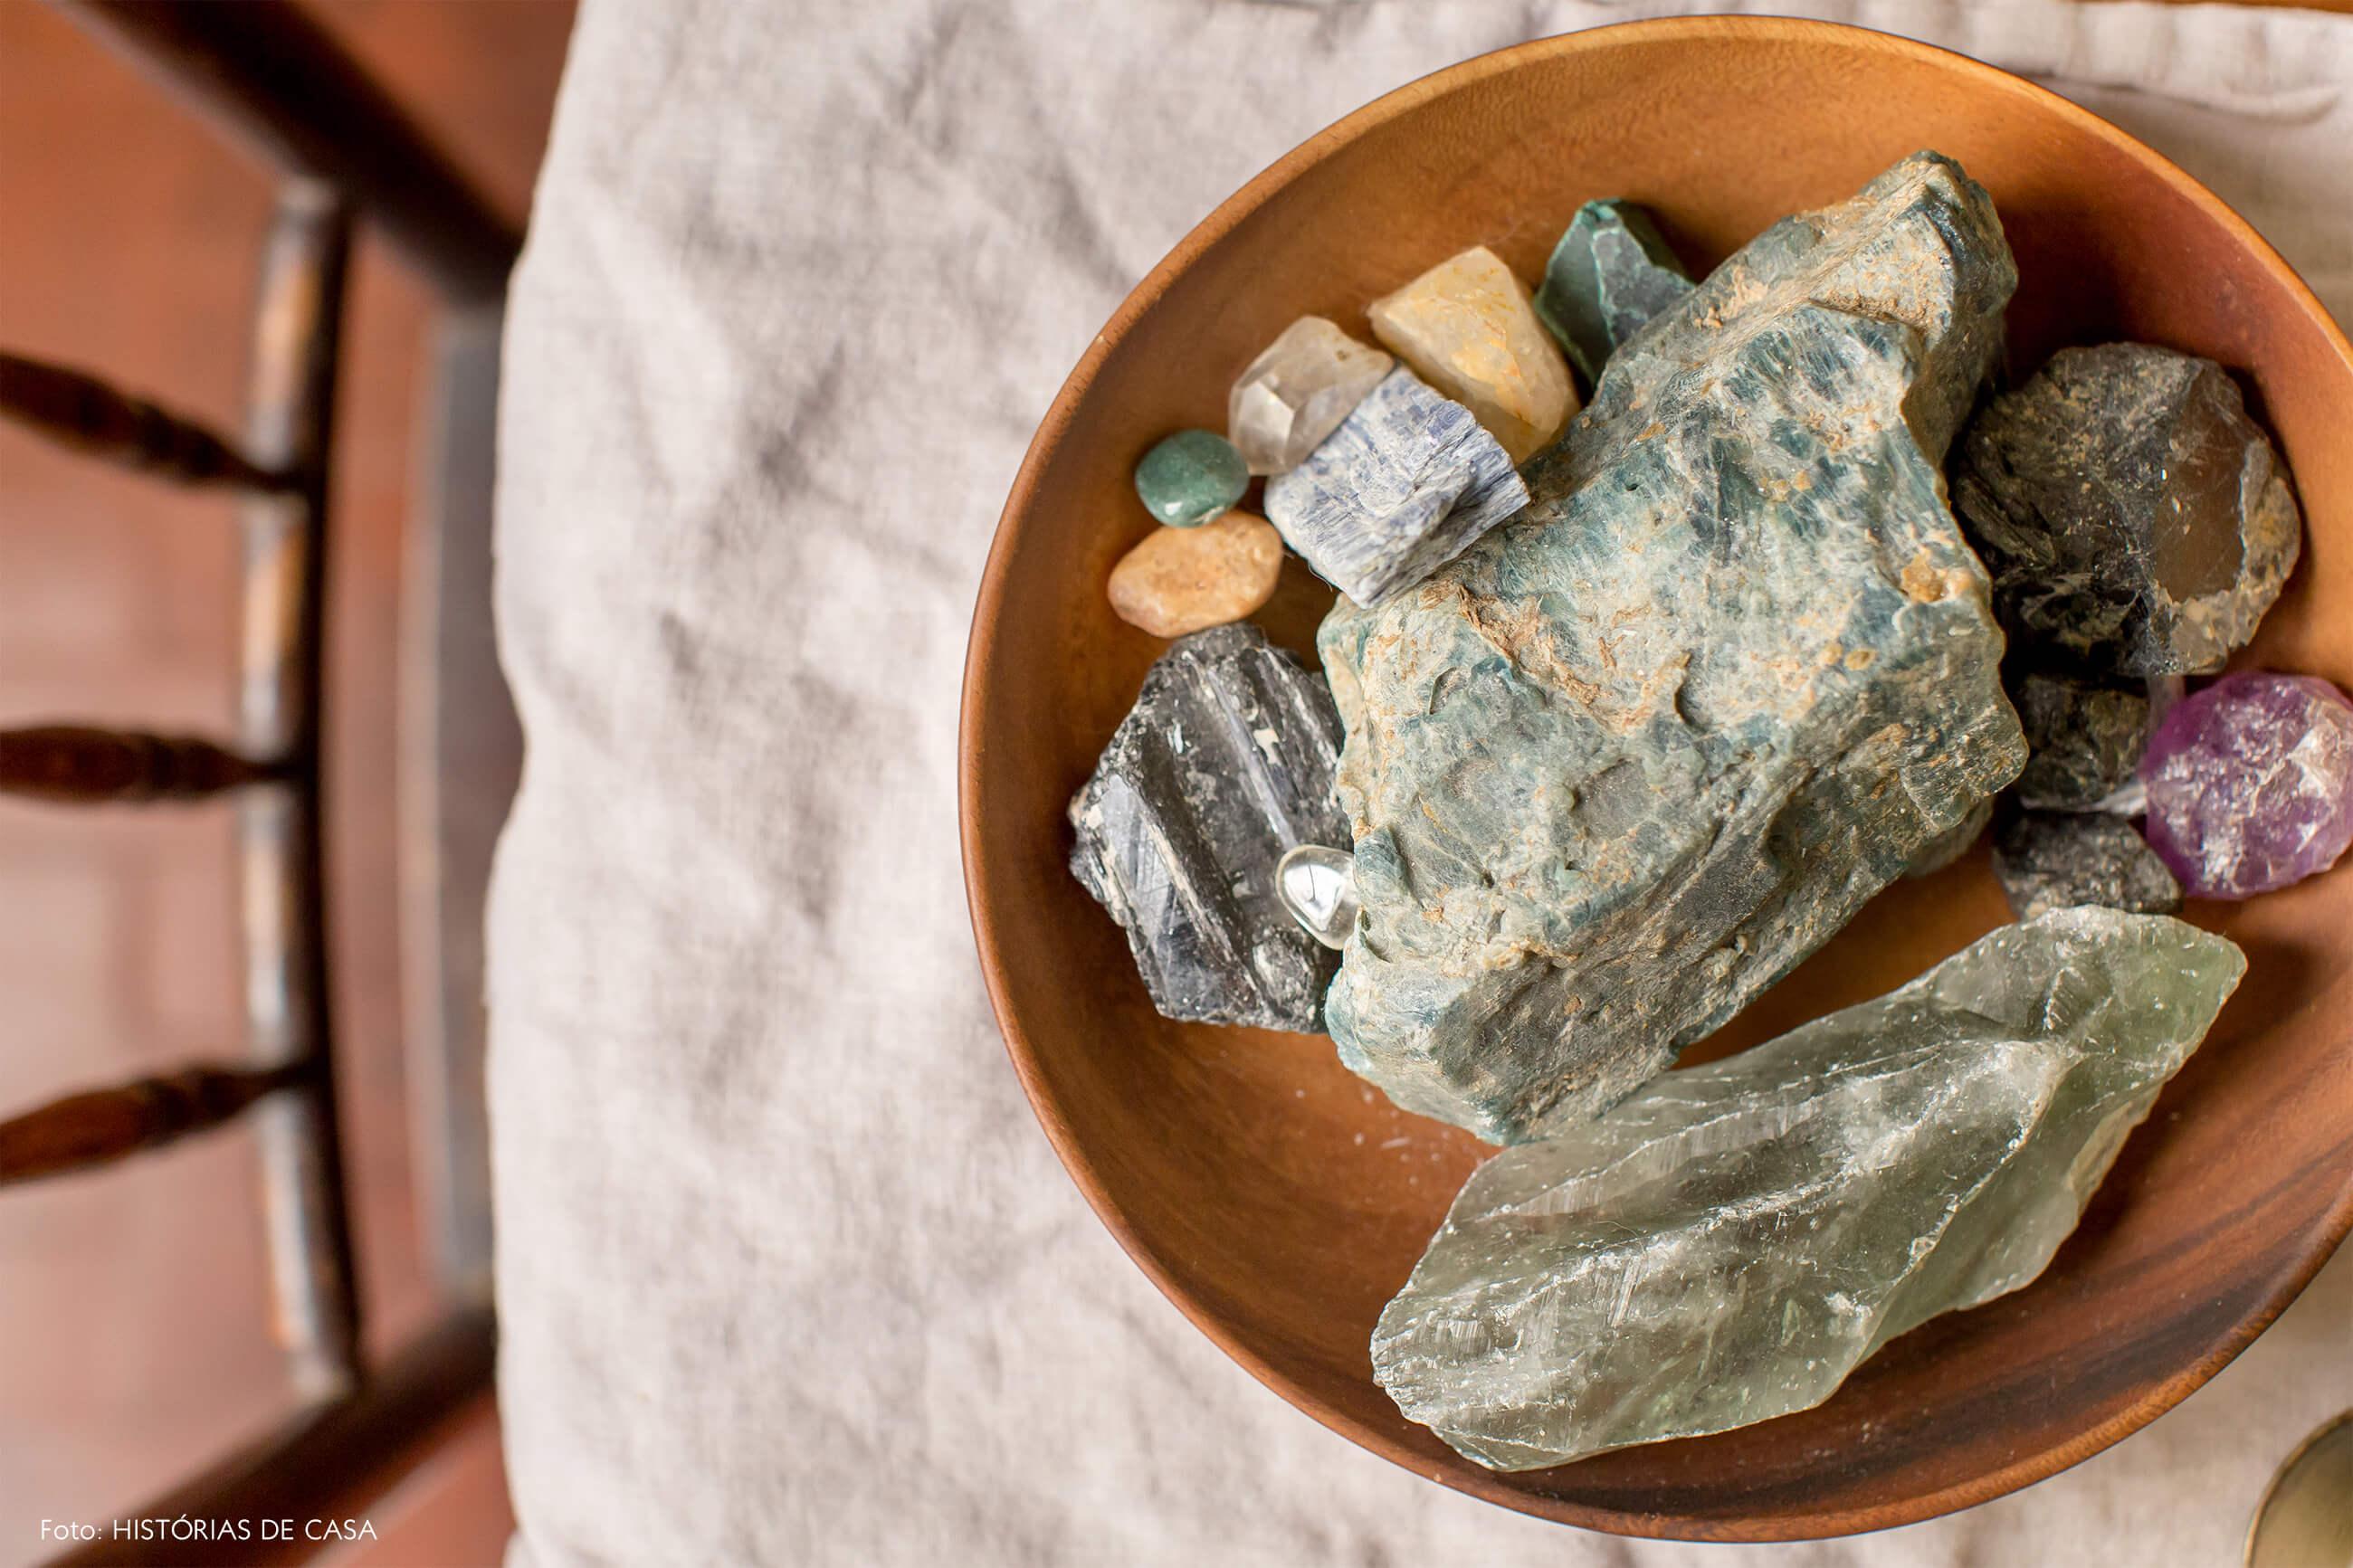 DEtalhe tigela de madeira com cristais